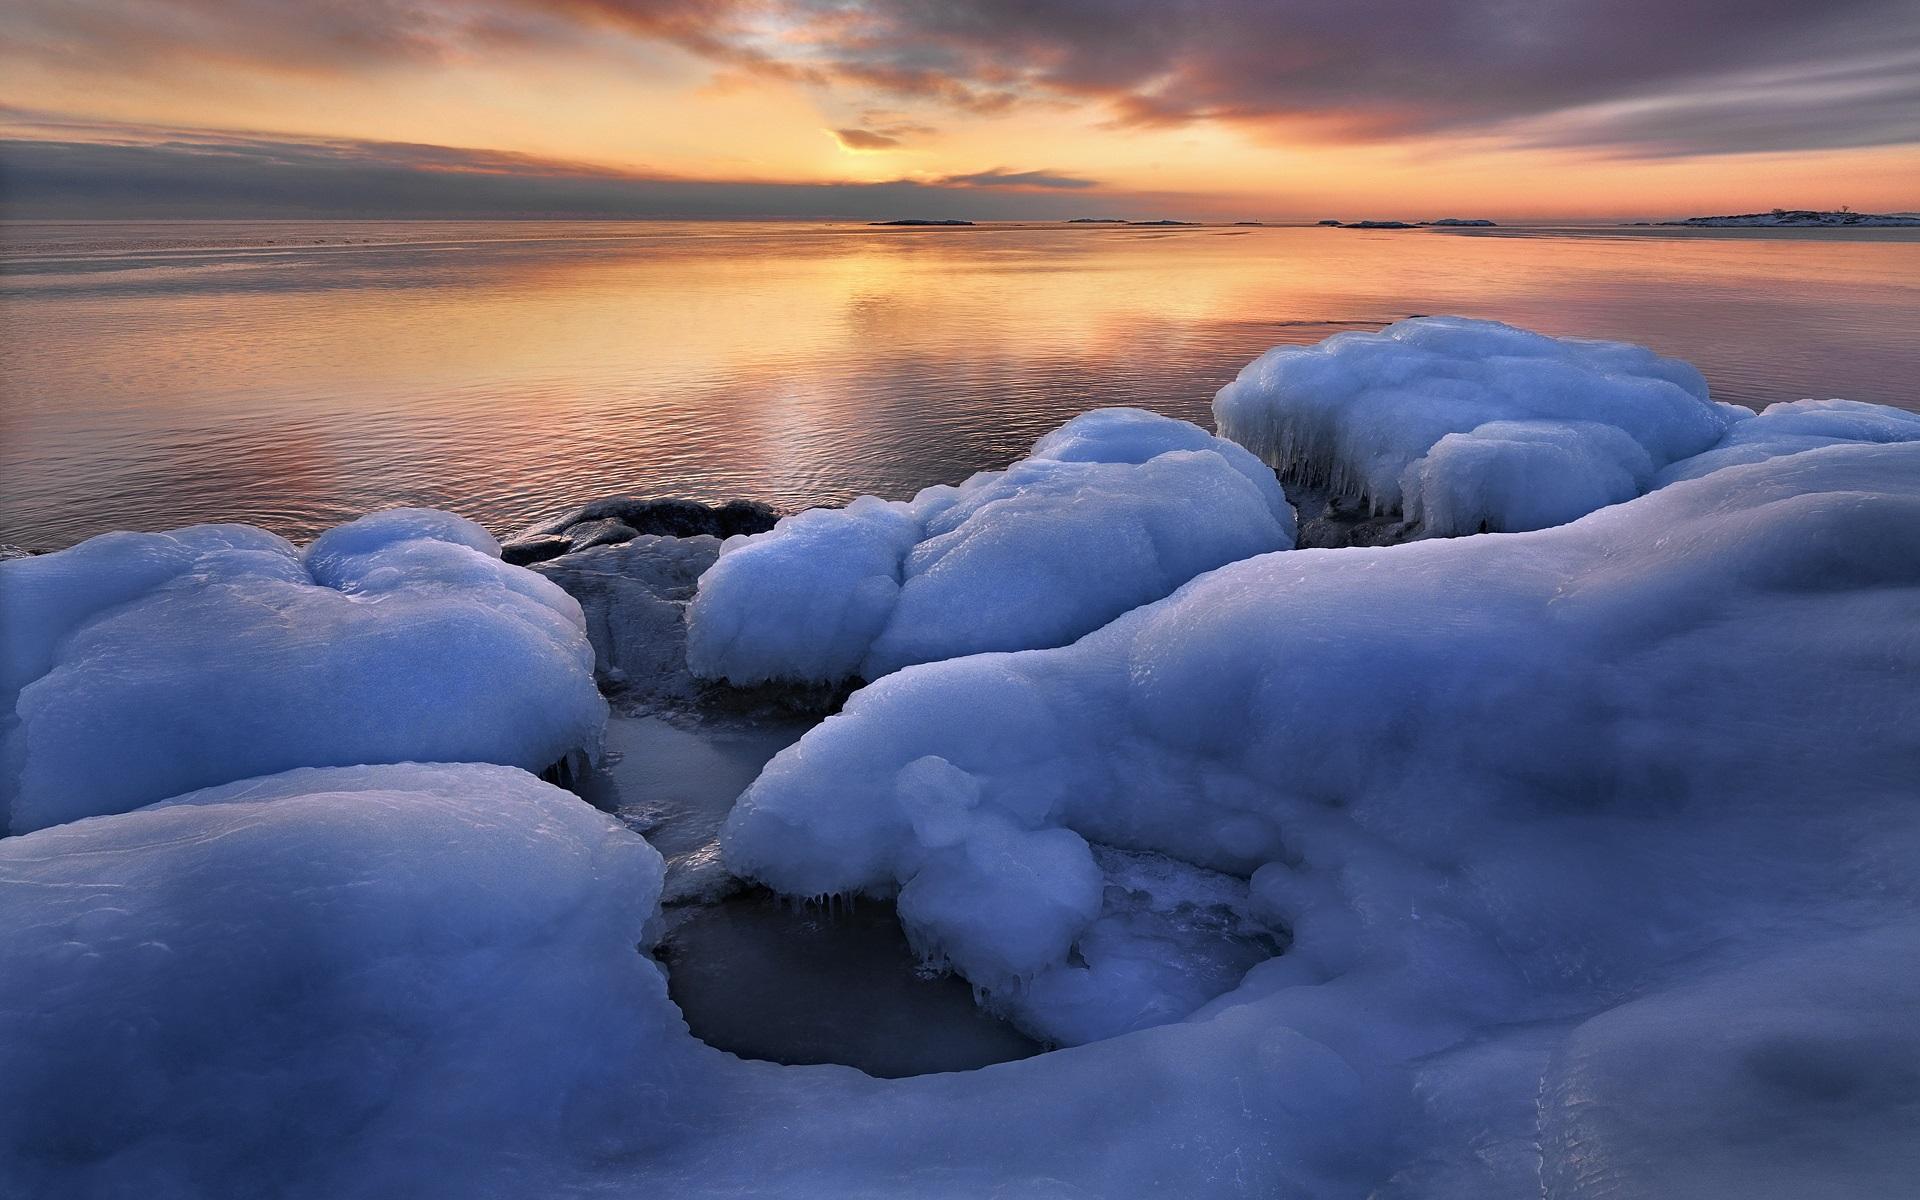 воспользоваться пришлось, голубое море фотографии зимой можно загипсовать